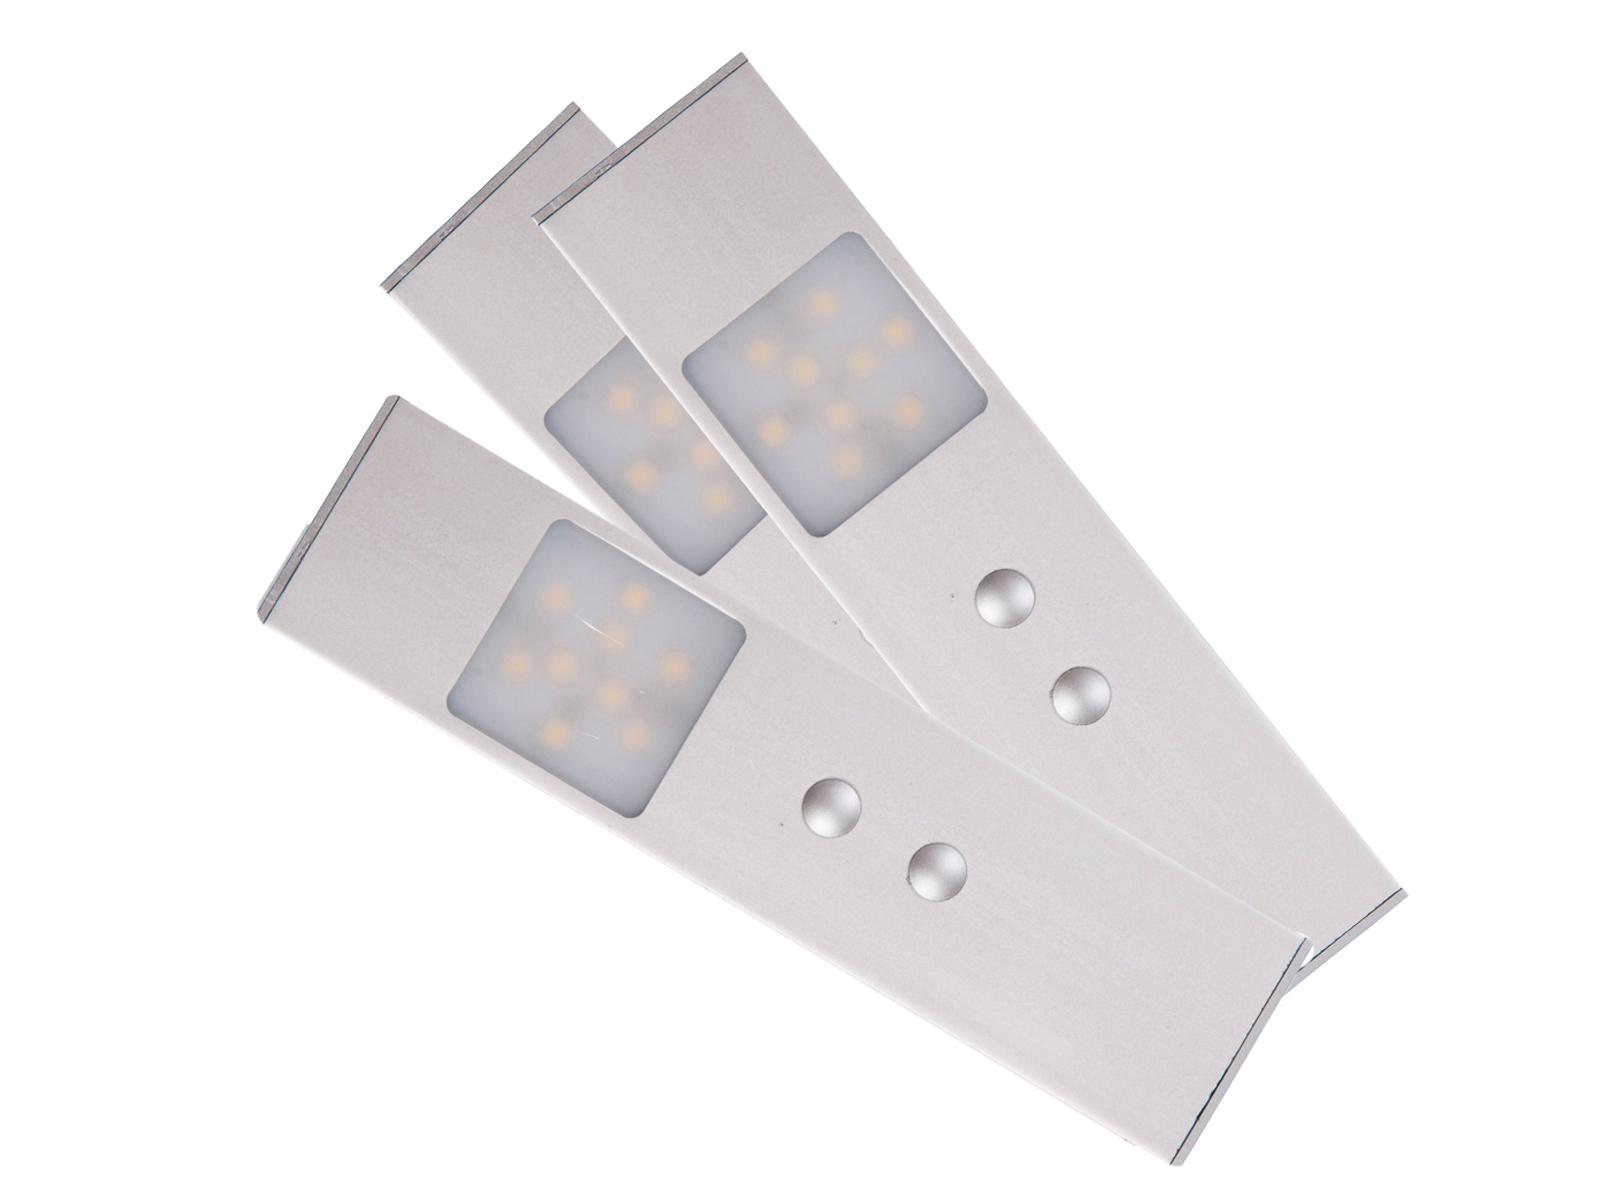 3 LED Sensore di movimento luci 2,1w Lampada sottostruttura Cassetti Armadio Lampada Lampada